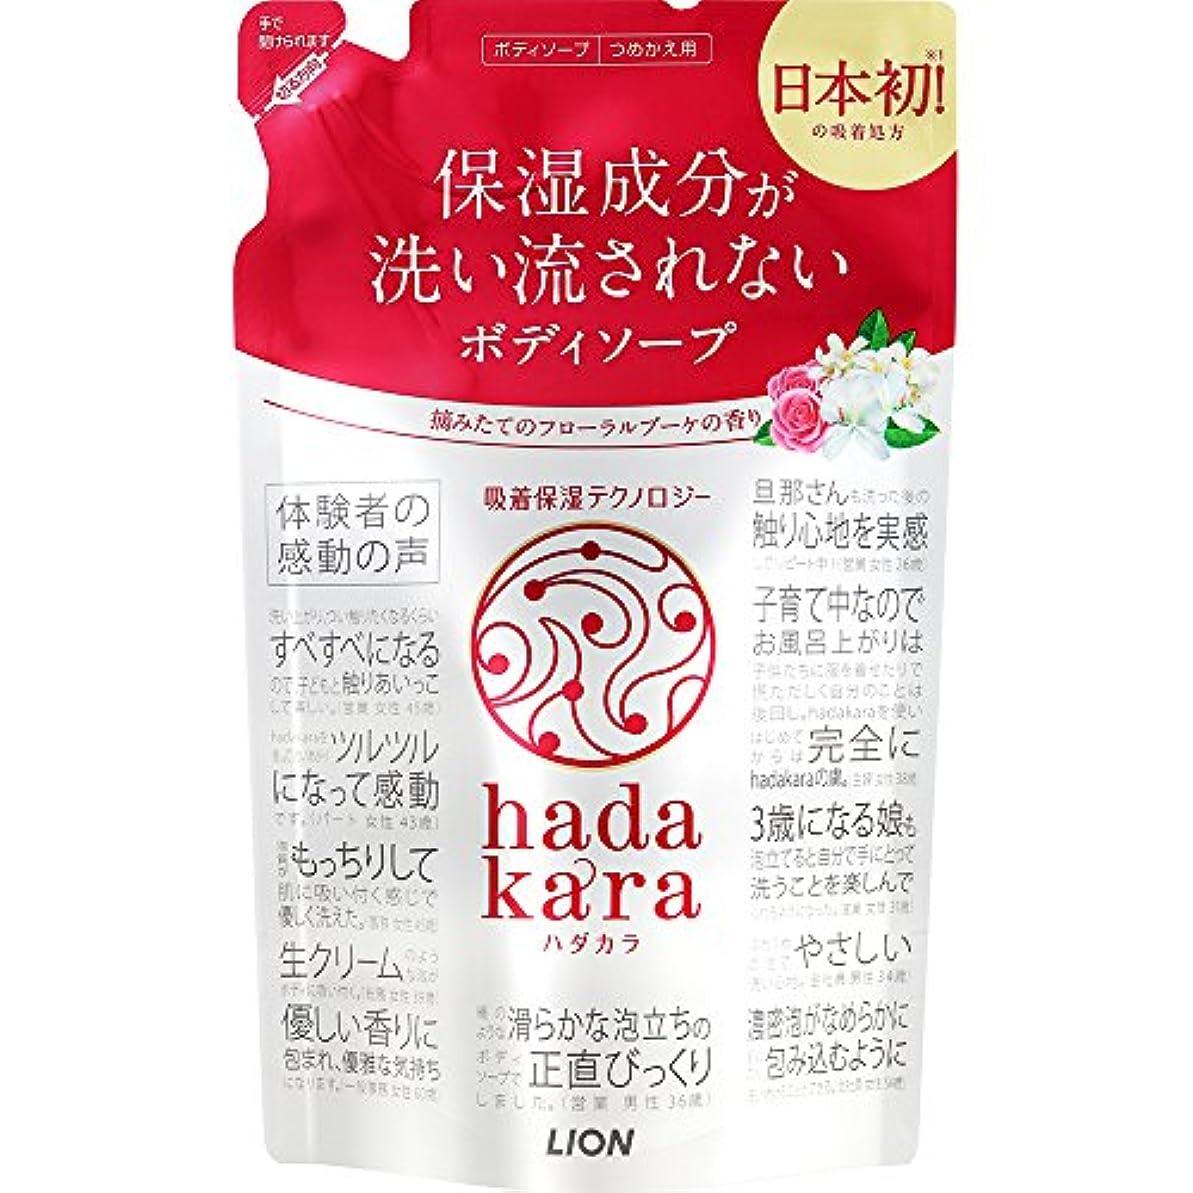 アロング好ましい寓話hadakara(ハダカラ) ボディソープ フローラルブーケの香り 詰め替え 360ml